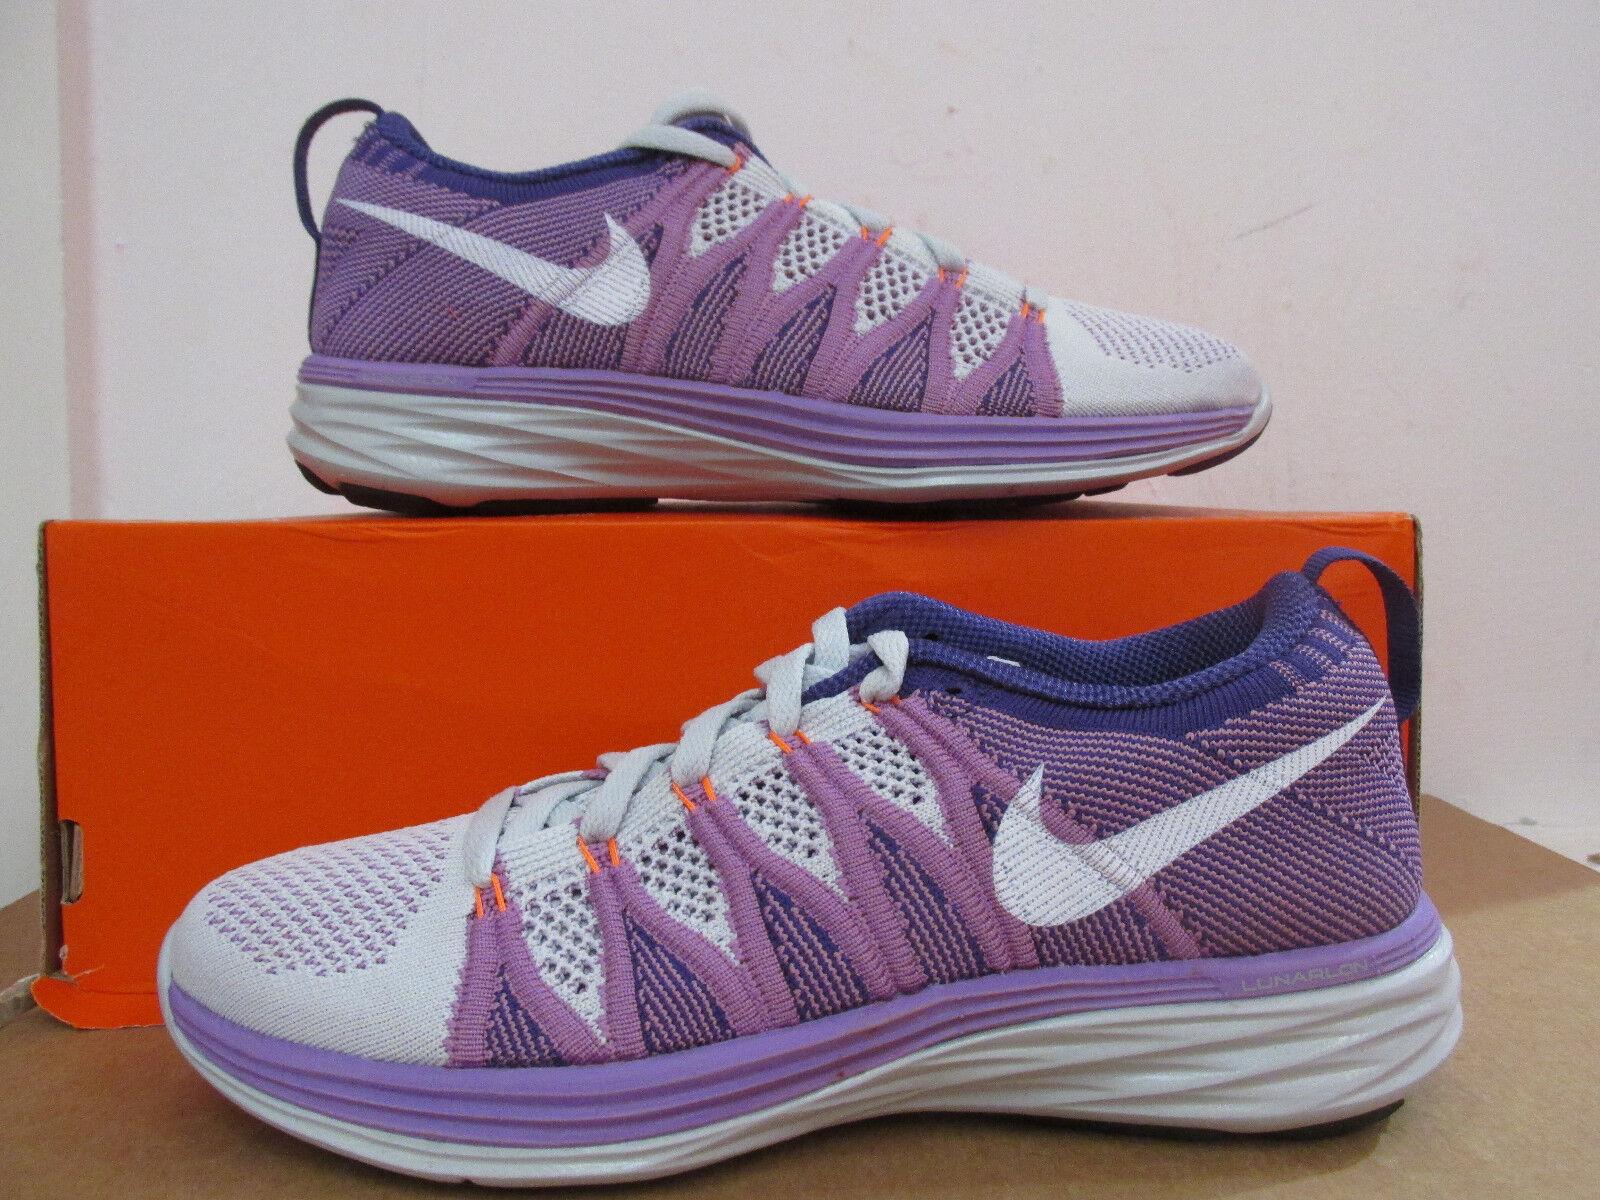 Nike Mujer Flyknit Zapatos lunar2 Atletismo Zapatillas 620658 001 Zapatos Flyknit  Liquidación 084582